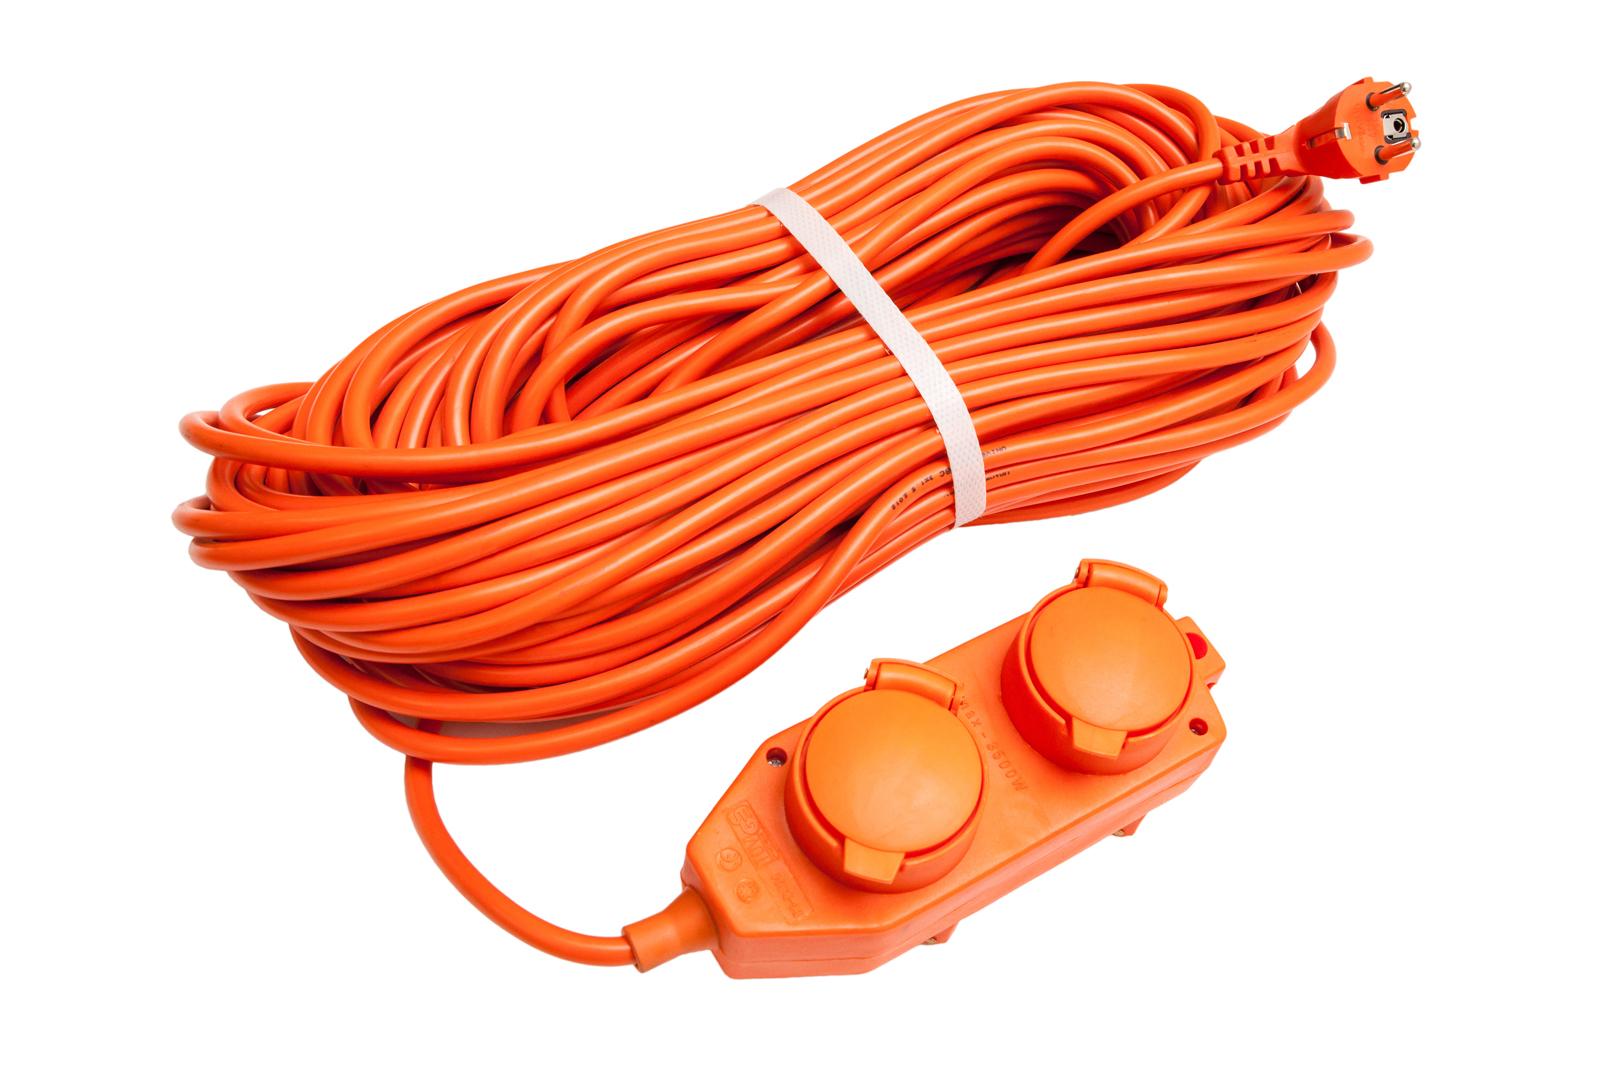 Удлинитель Universal У16-040 ip-44 ПВС 3*1,5 4гнезда 20м силовой удлинитель universal вем 250 термо пвс 2 0 75 20м 9634146